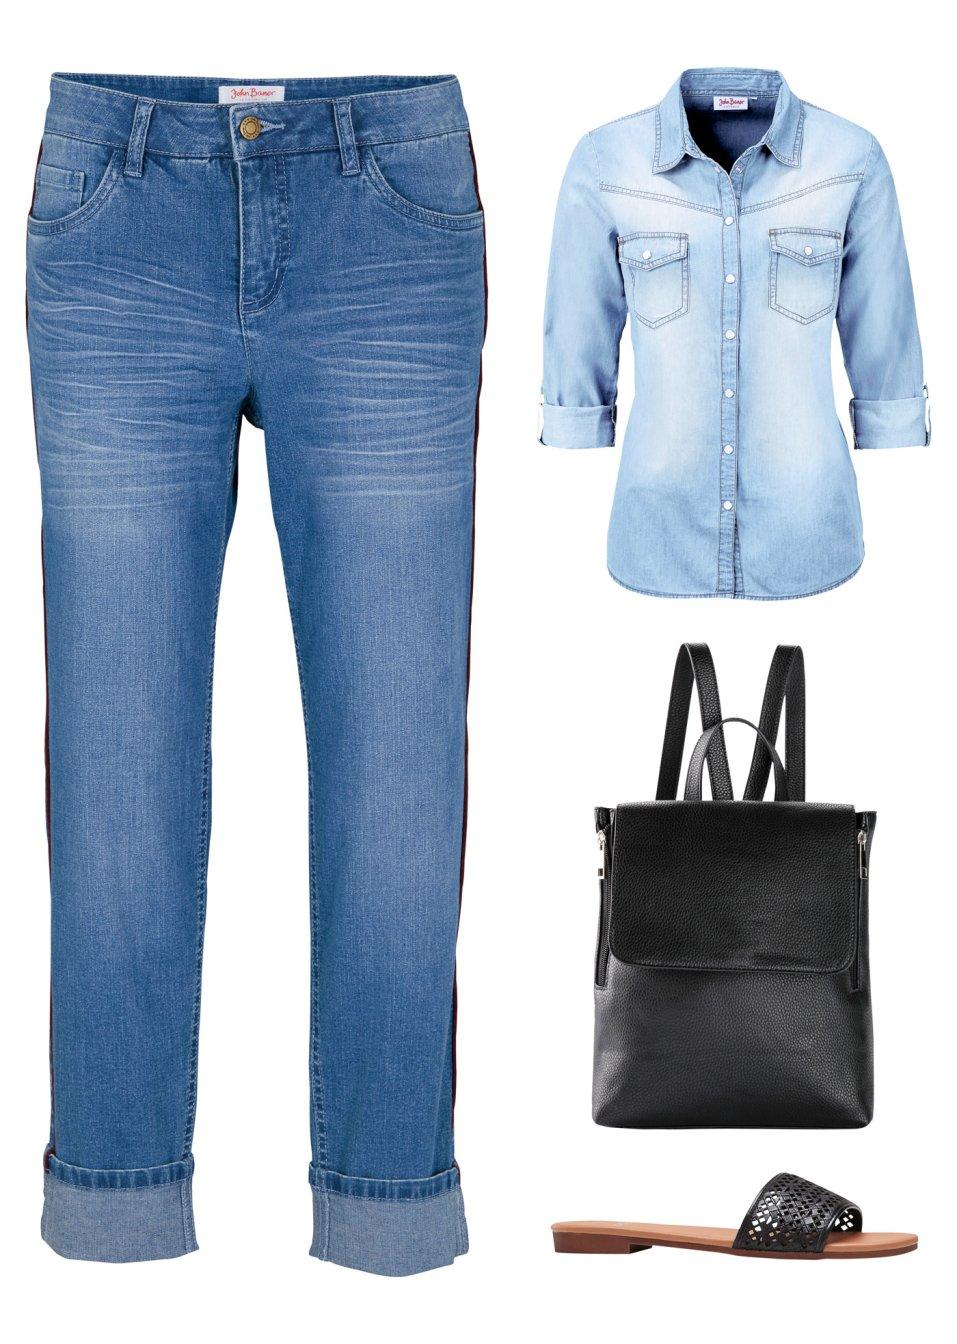 Mode Femme Vêtements DJLfdOFlkj Jean boyfriend à galon coloré, 7/8 bleu clair Femme .fr